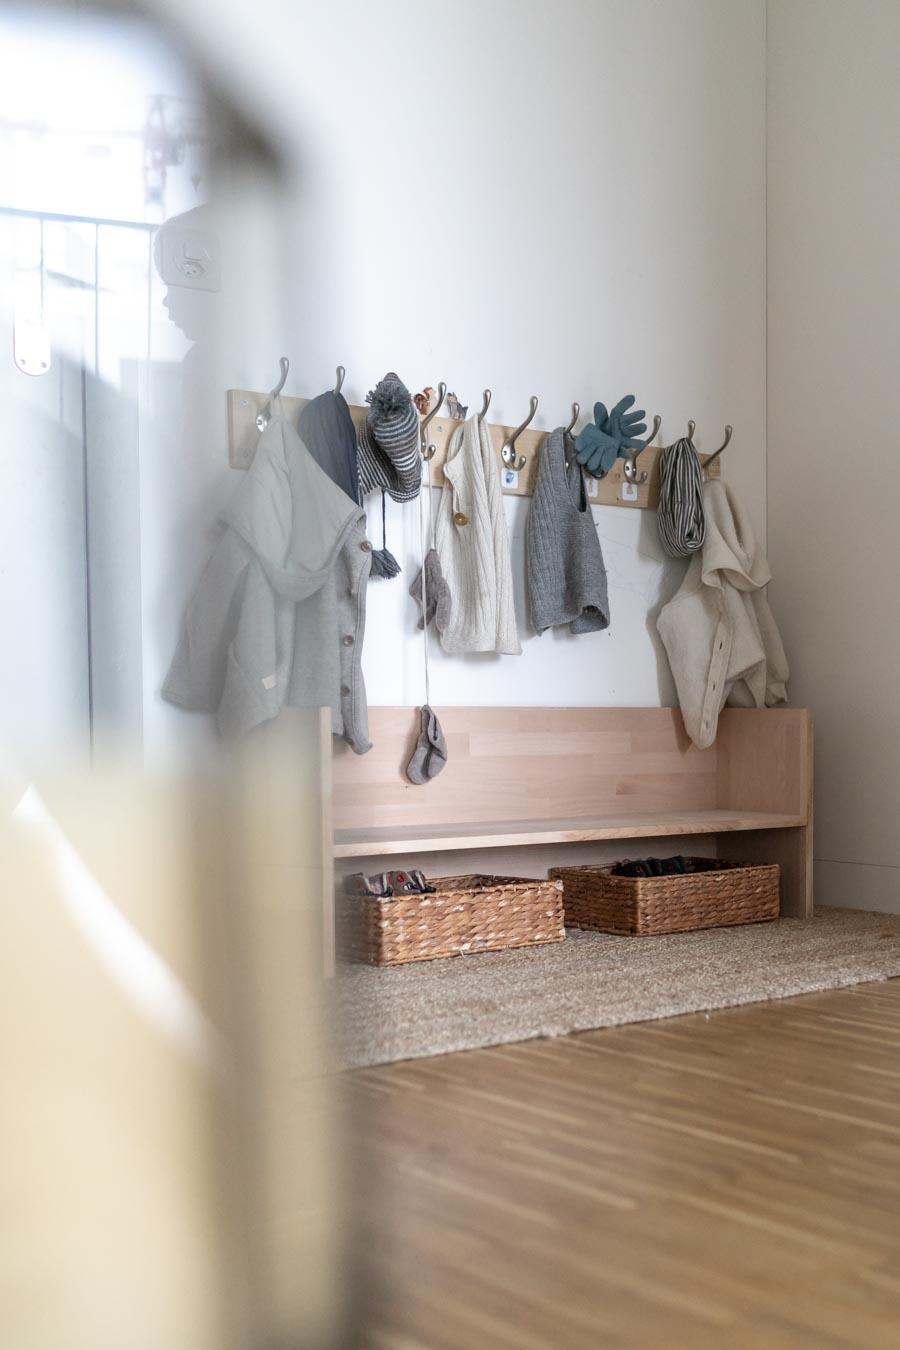 Raus in 5 Min? Diese Kindergarderobe hilft kleinen Kindern, sich selbständig anzuziehen. Momhacks zum Alltag mit zwei Kindern und ein DIY-Tutorial für die Garderobe & Garderobenleiste gibt es bei: www.chezmamapoule.com #diy #berlinerhocker #flur #selbermachen #holz #wenigplatz #diyidee #möbel